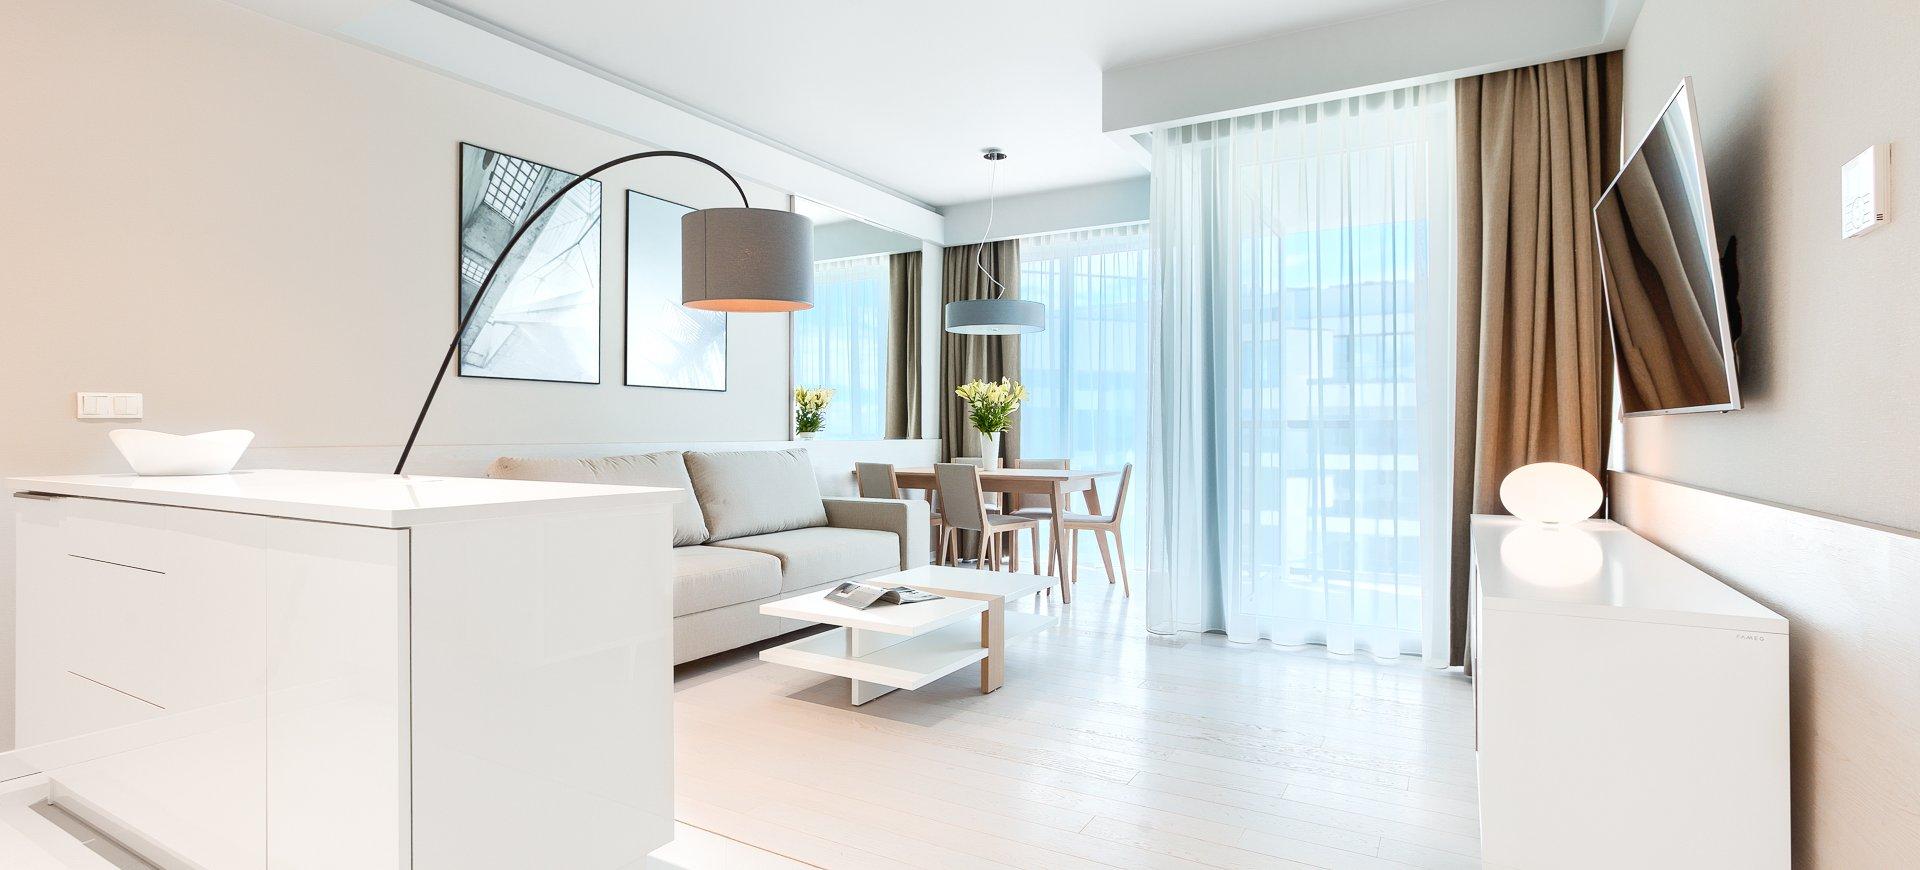 Apartament Deluxe z 1 sypialnią 4.13 B z widokiem na morze